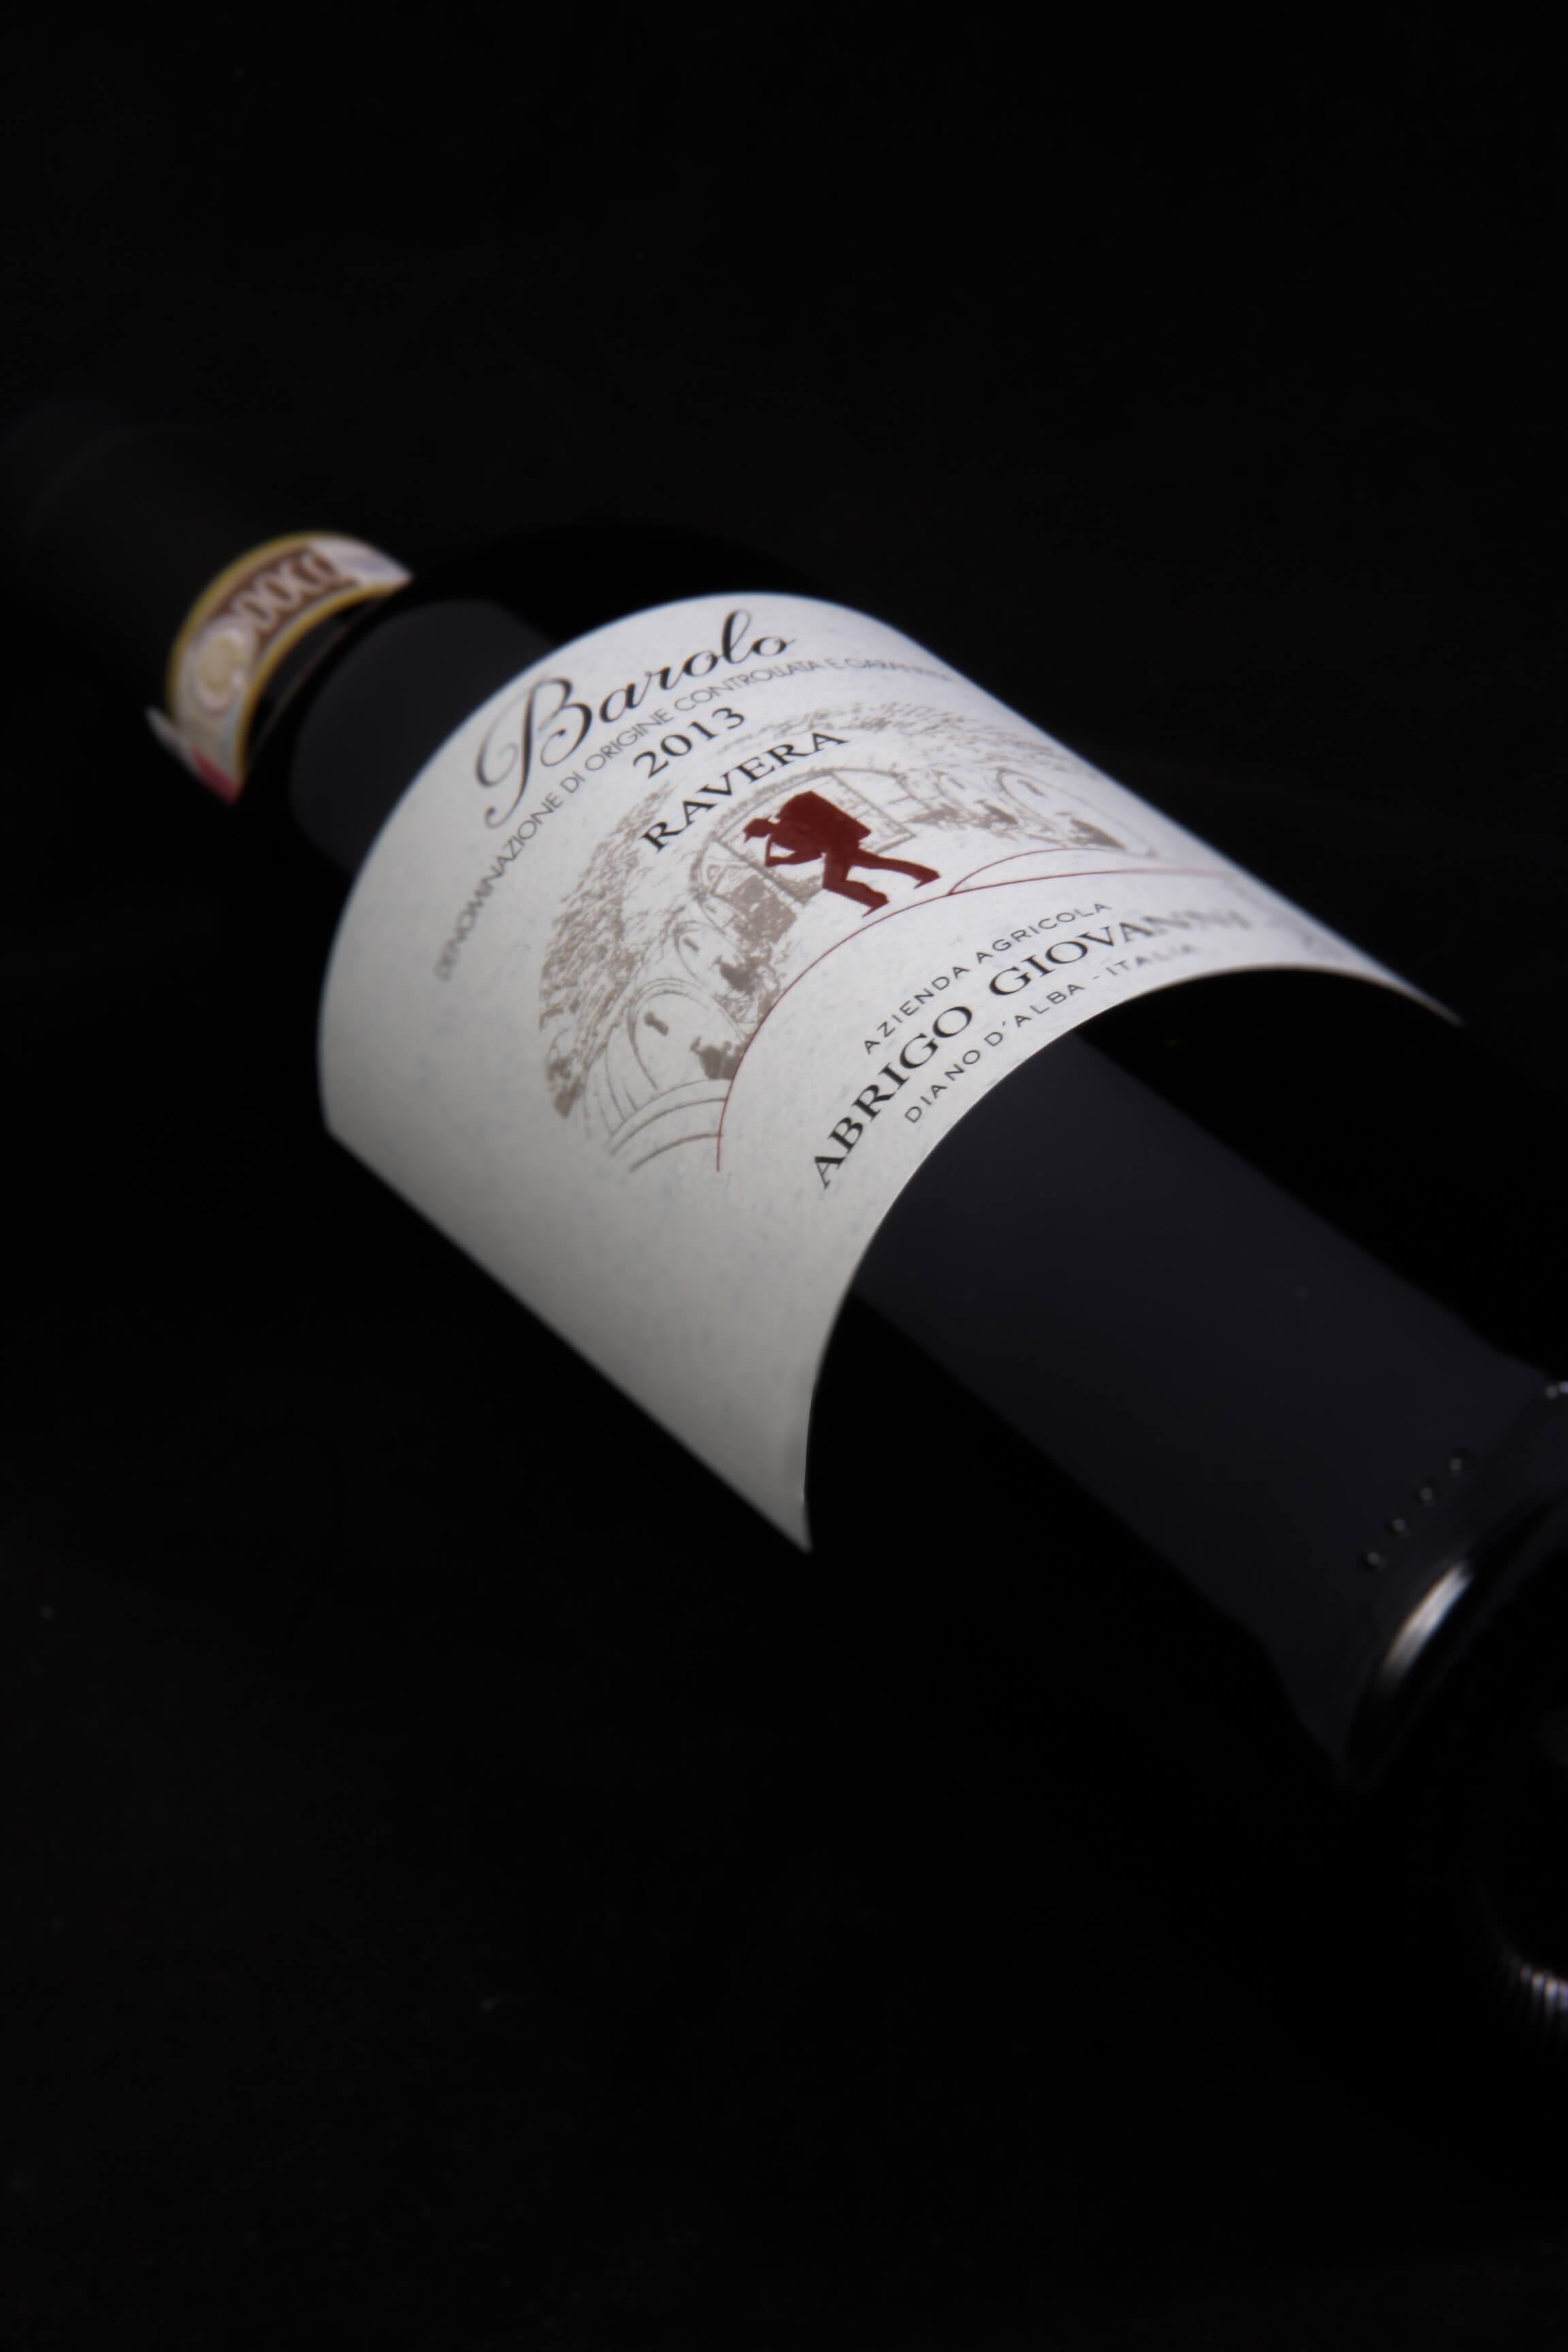 vino_nostrum-importadora_de_vinos_y_alimentos_ok19